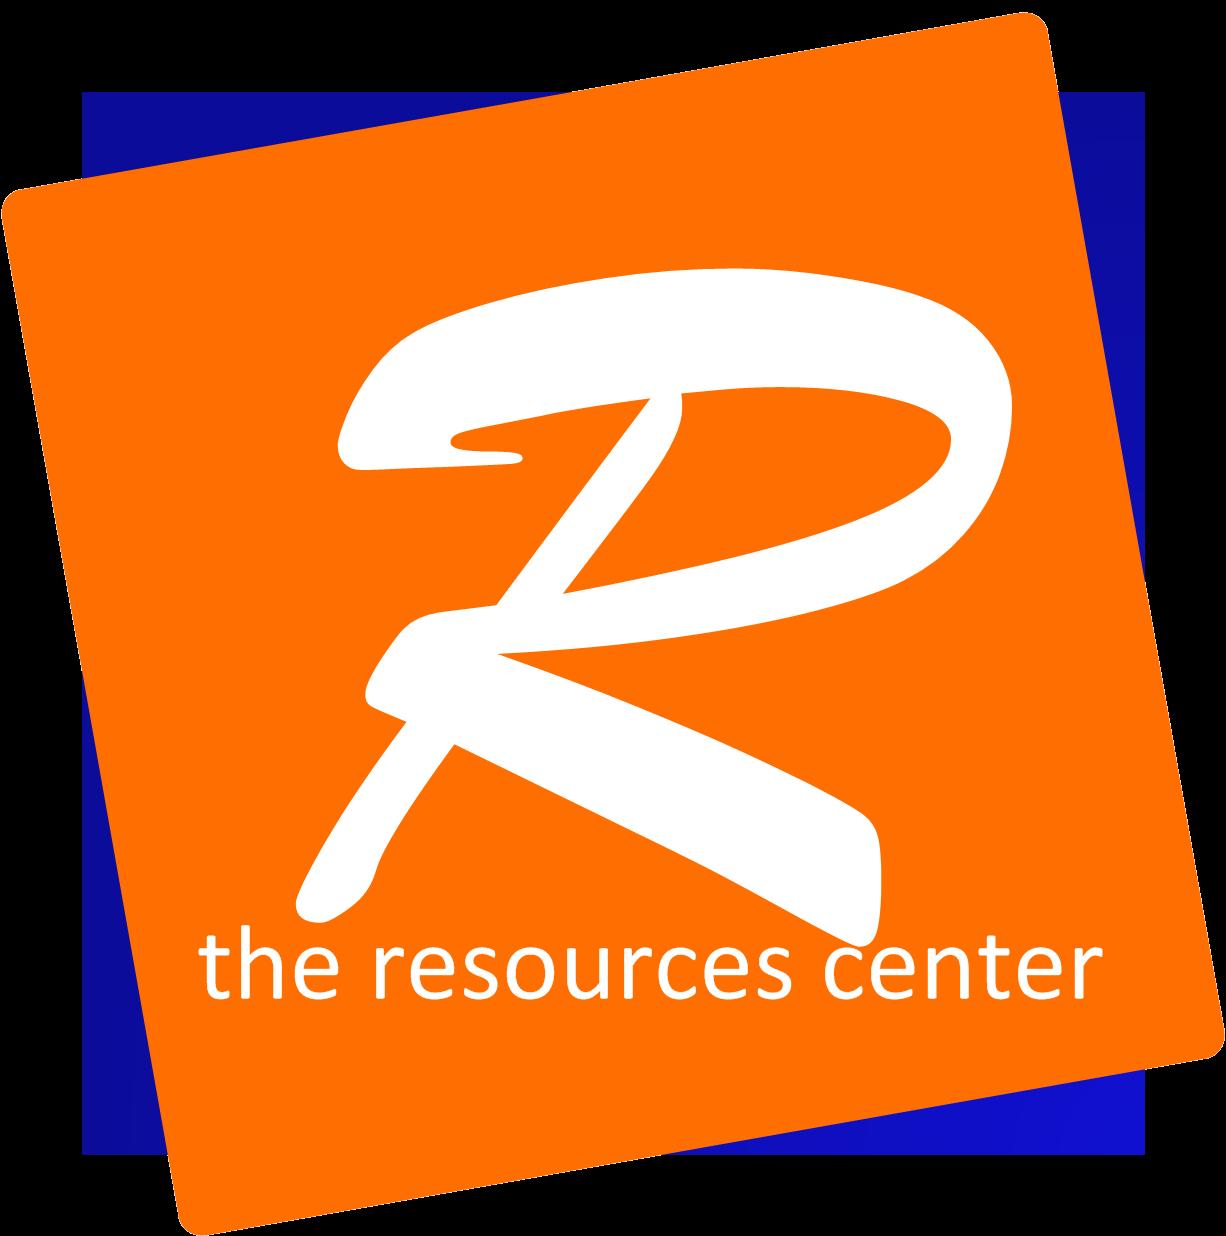 GEYC Resources Center